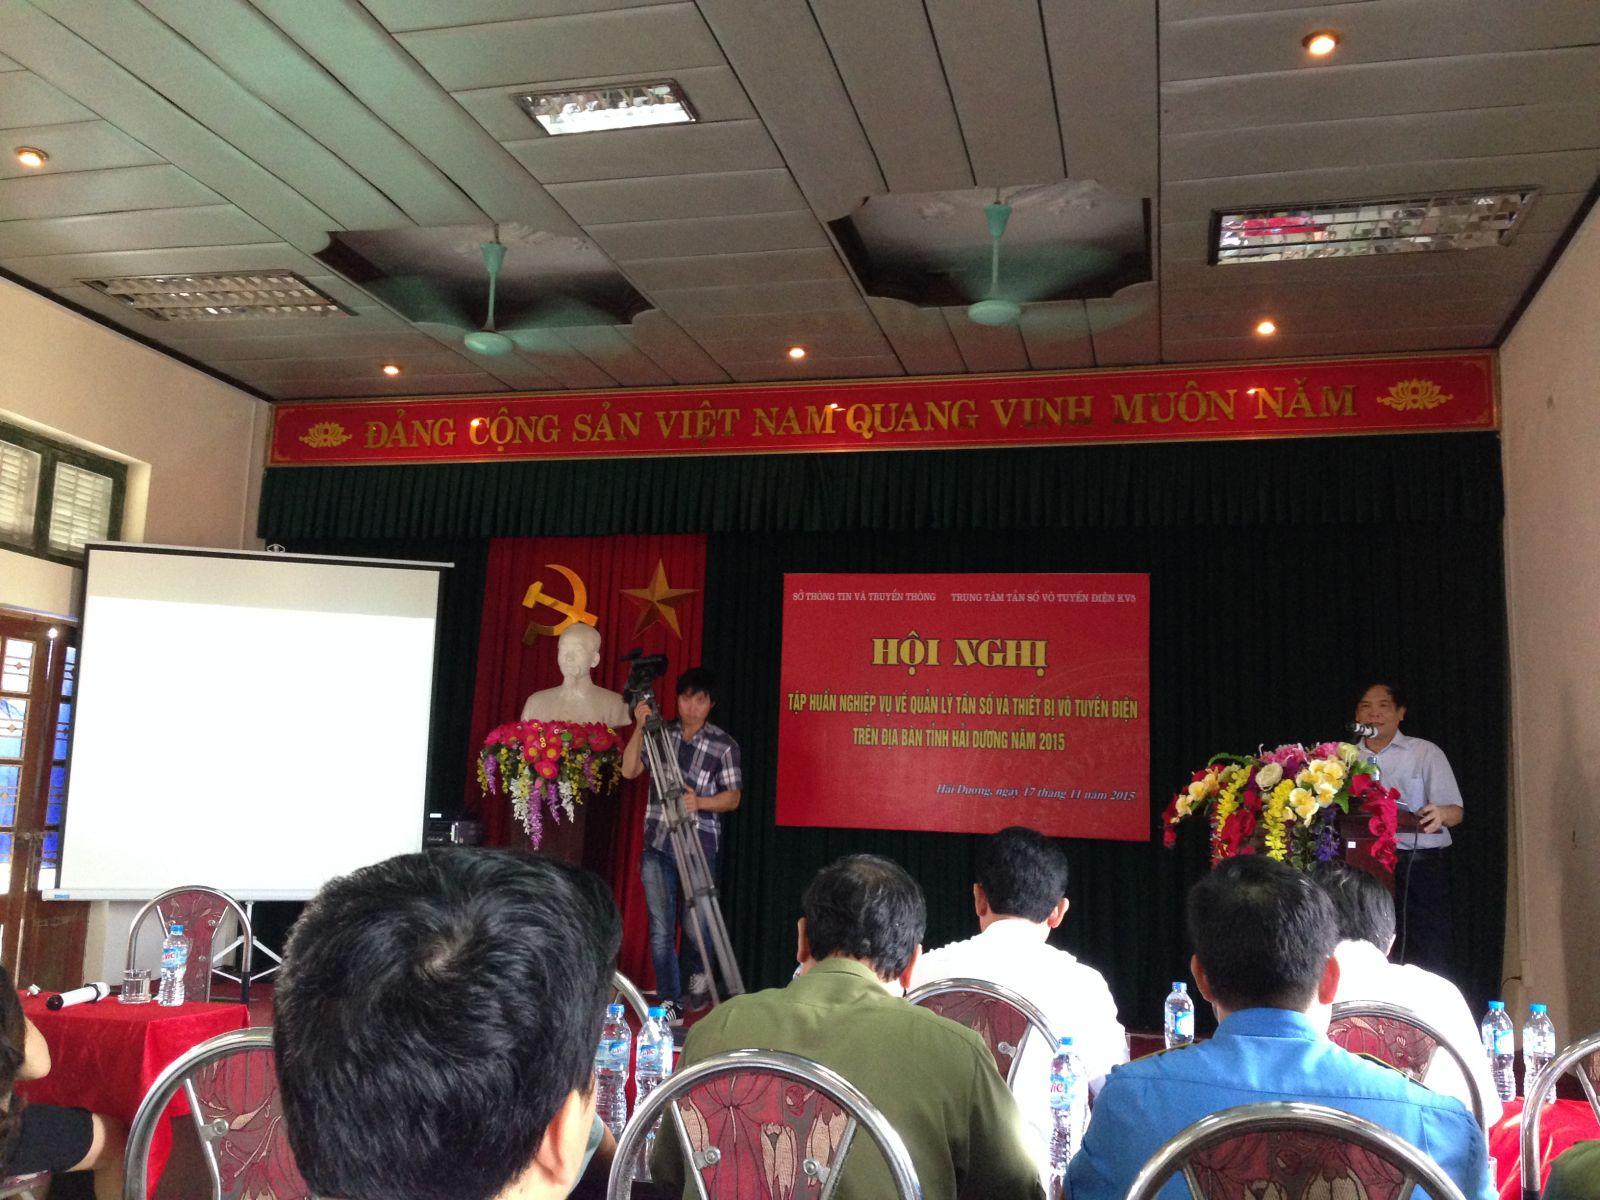 Nguyễn Quang Hảo_Gđ Sở TTTT tỉnh Hải Dương